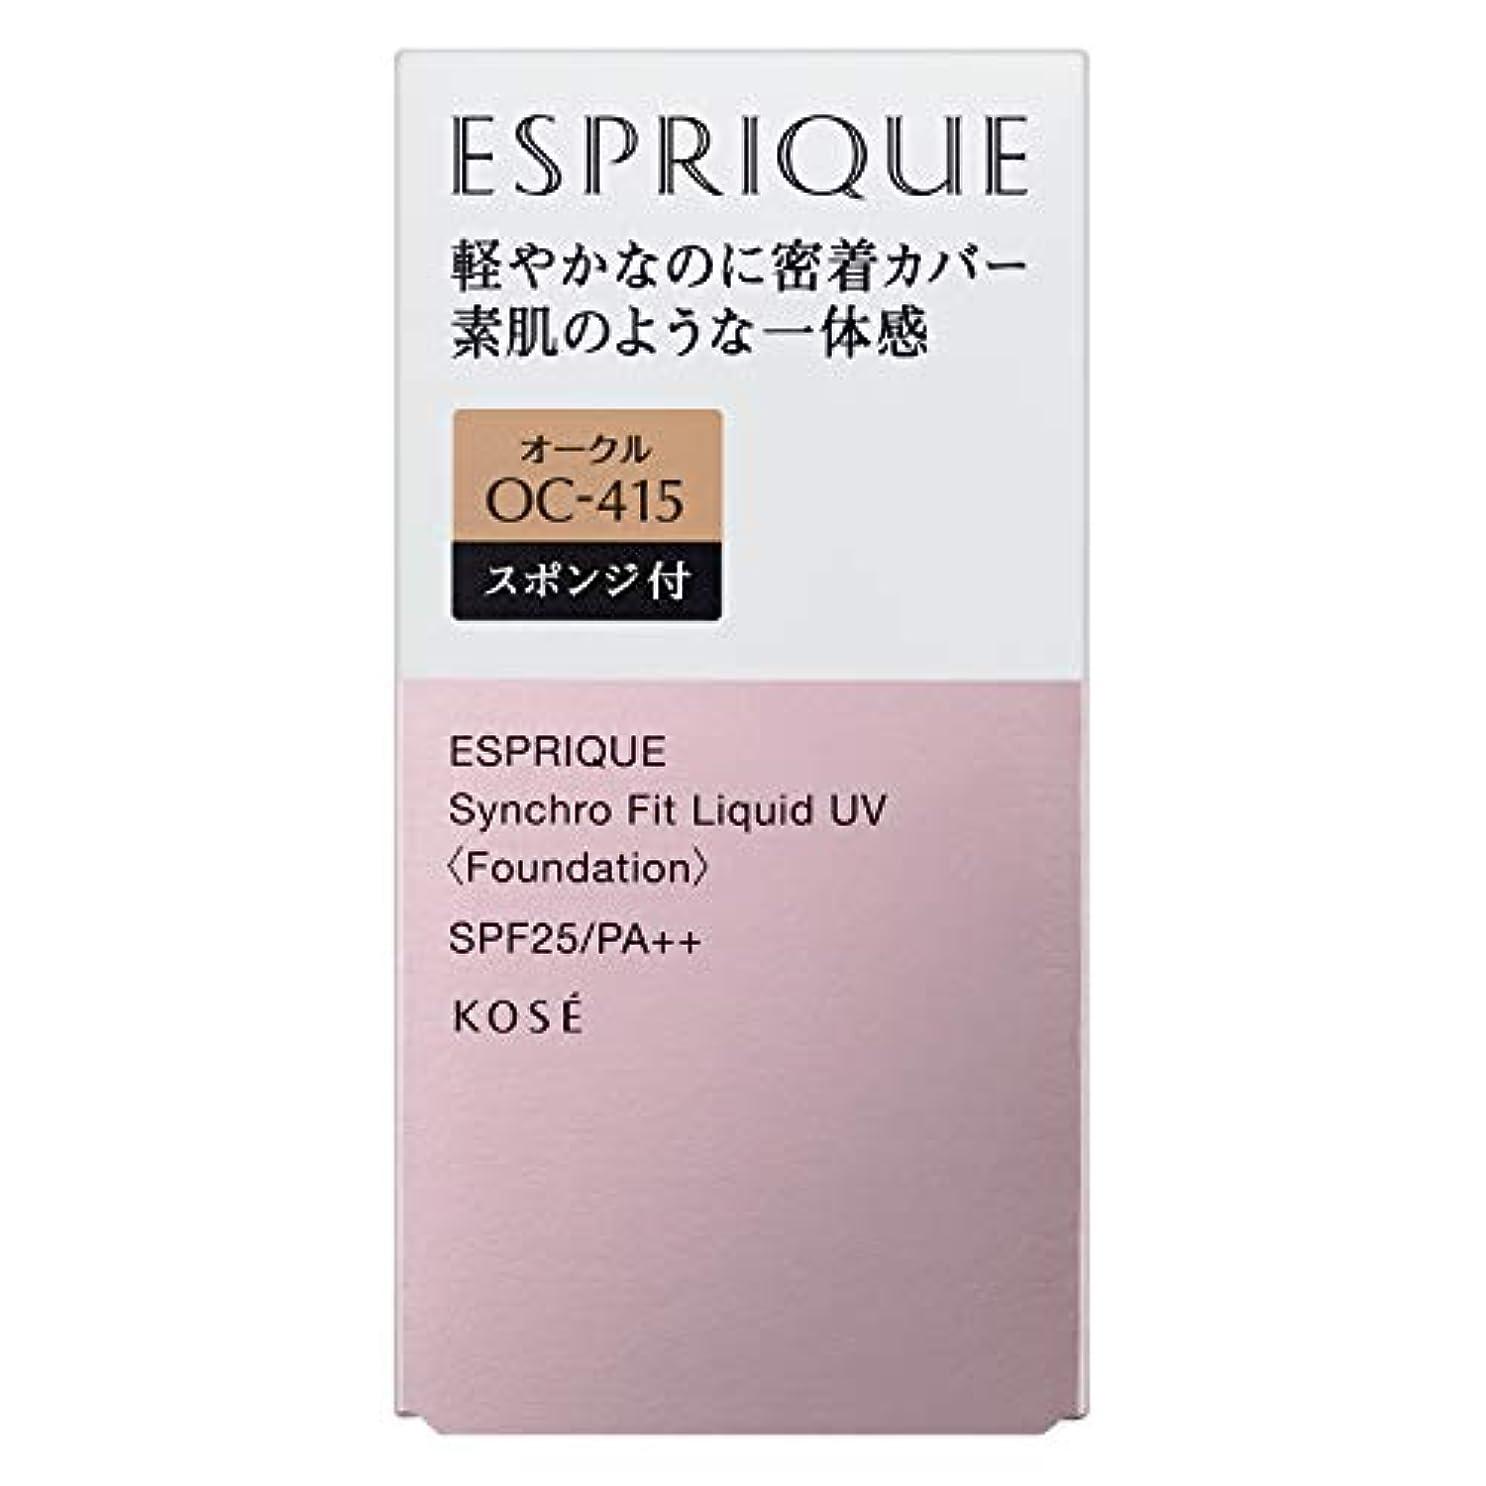 識別オリエント火曜日ESPRIQUE(エスプリーク) エスプリーク シンクロフィット リキッド UV ファンデーション 無香料 OC-415 オークル 30g